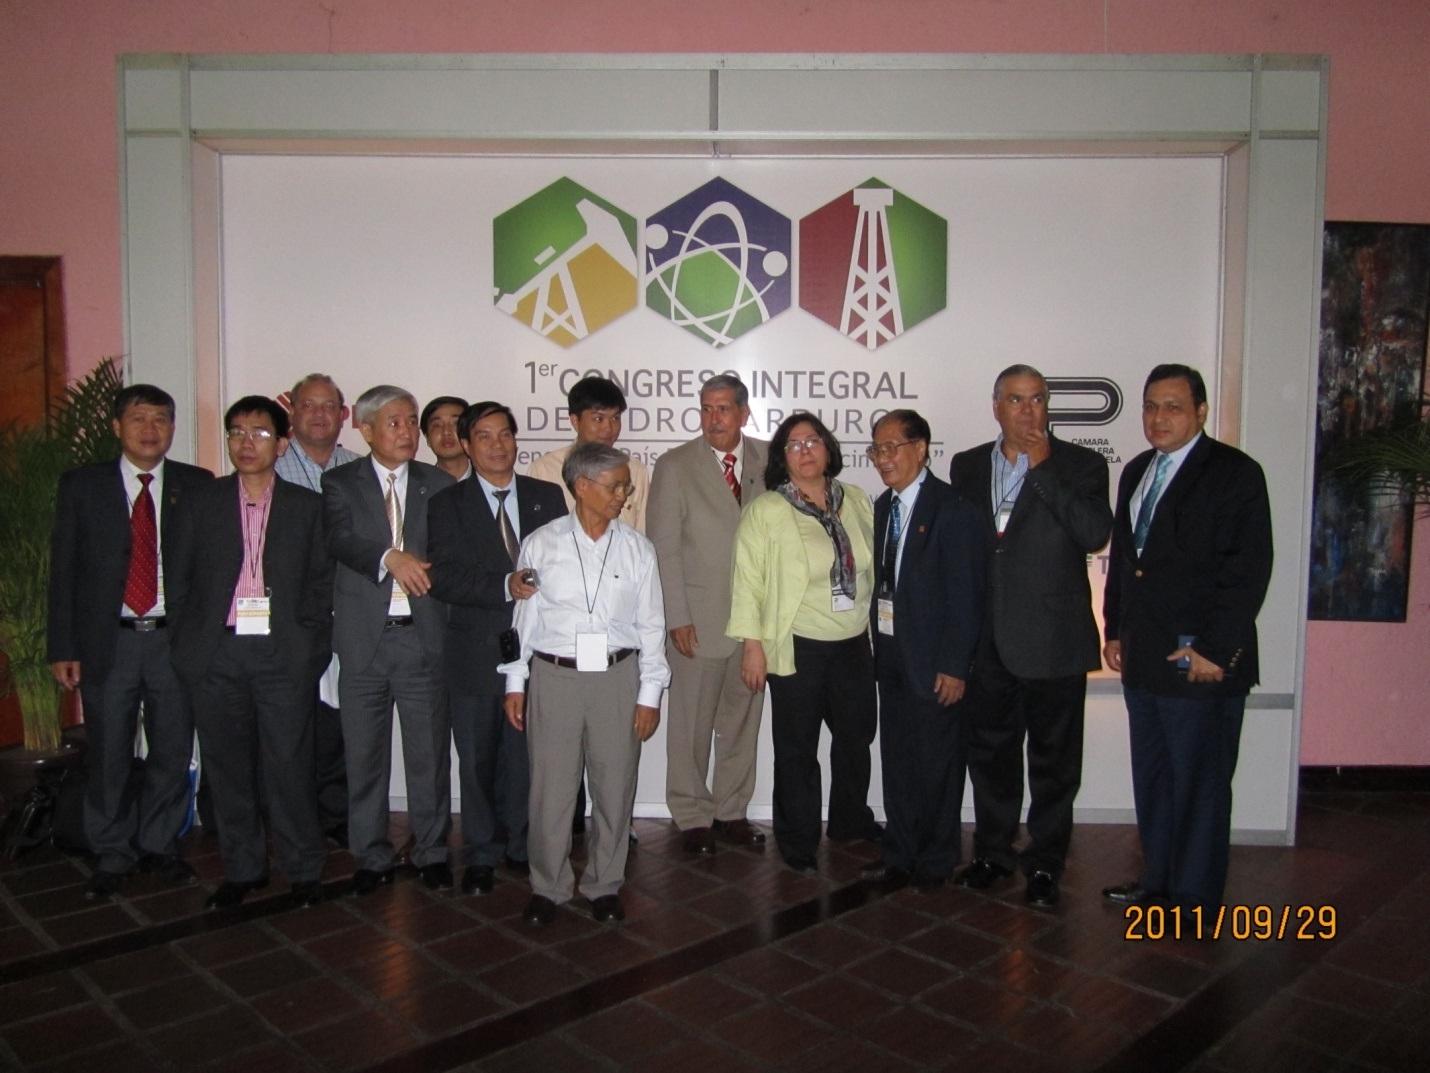 tham-venezuela-hoa-hau-dau-lua